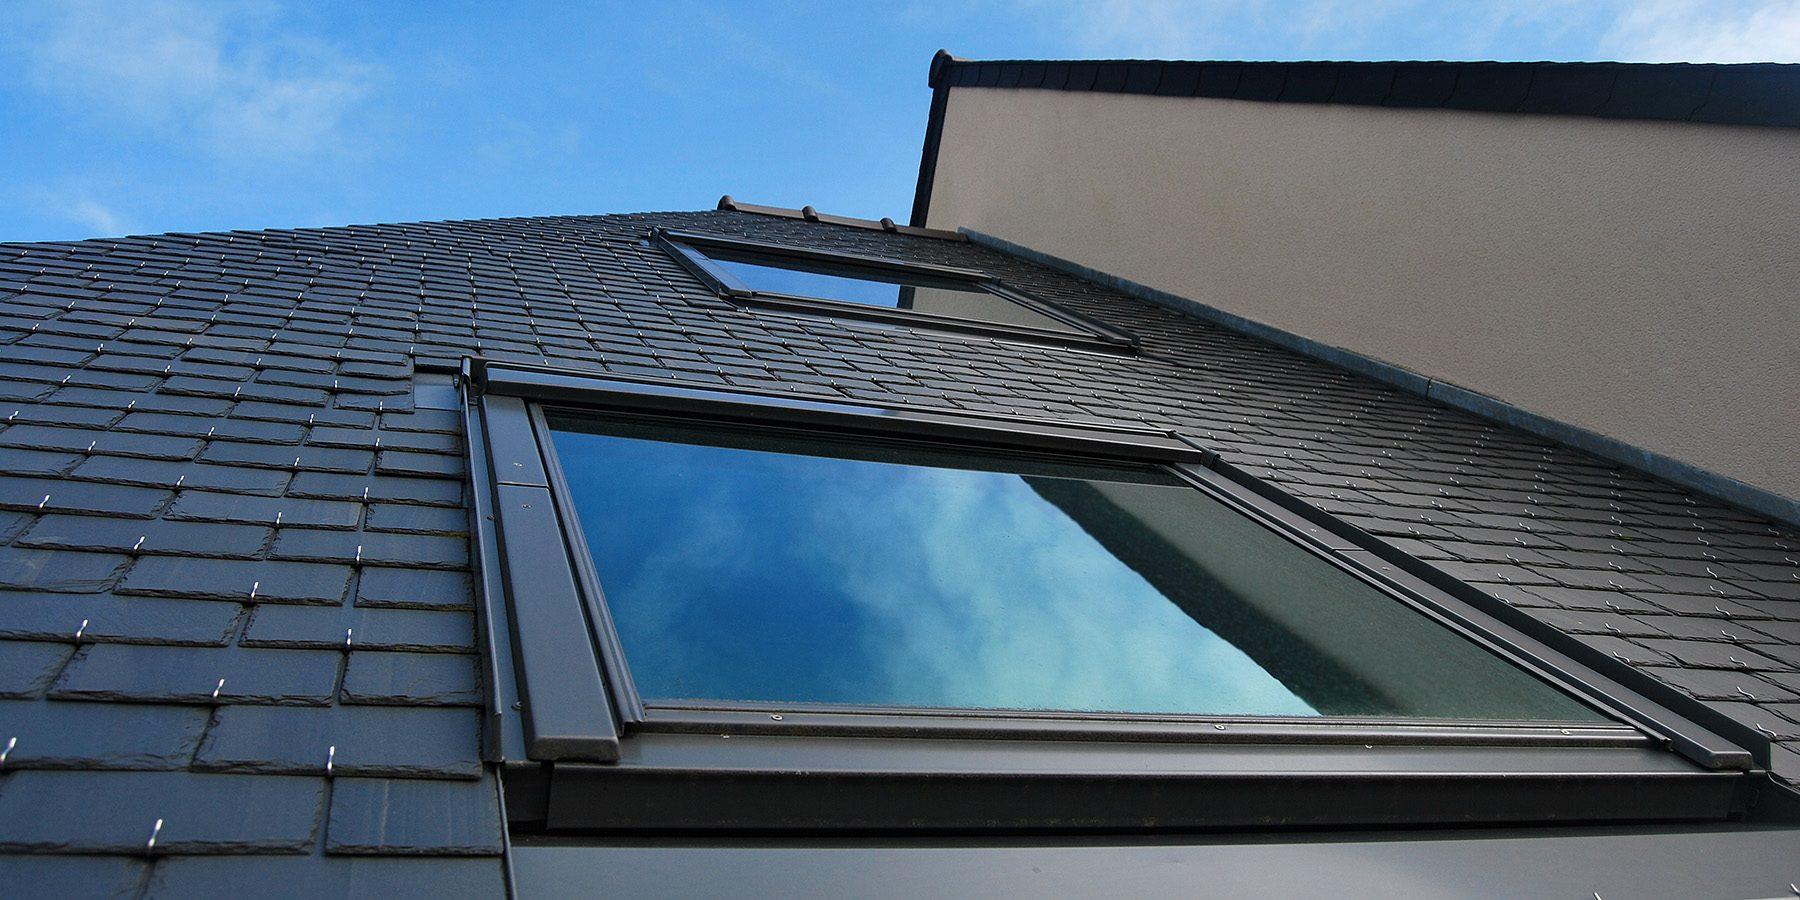 vitre de toit fixe free vitre fentre casse with vitre de toit fixe top ancienne fentre de toit. Black Bedroom Furniture Sets. Home Design Ideas